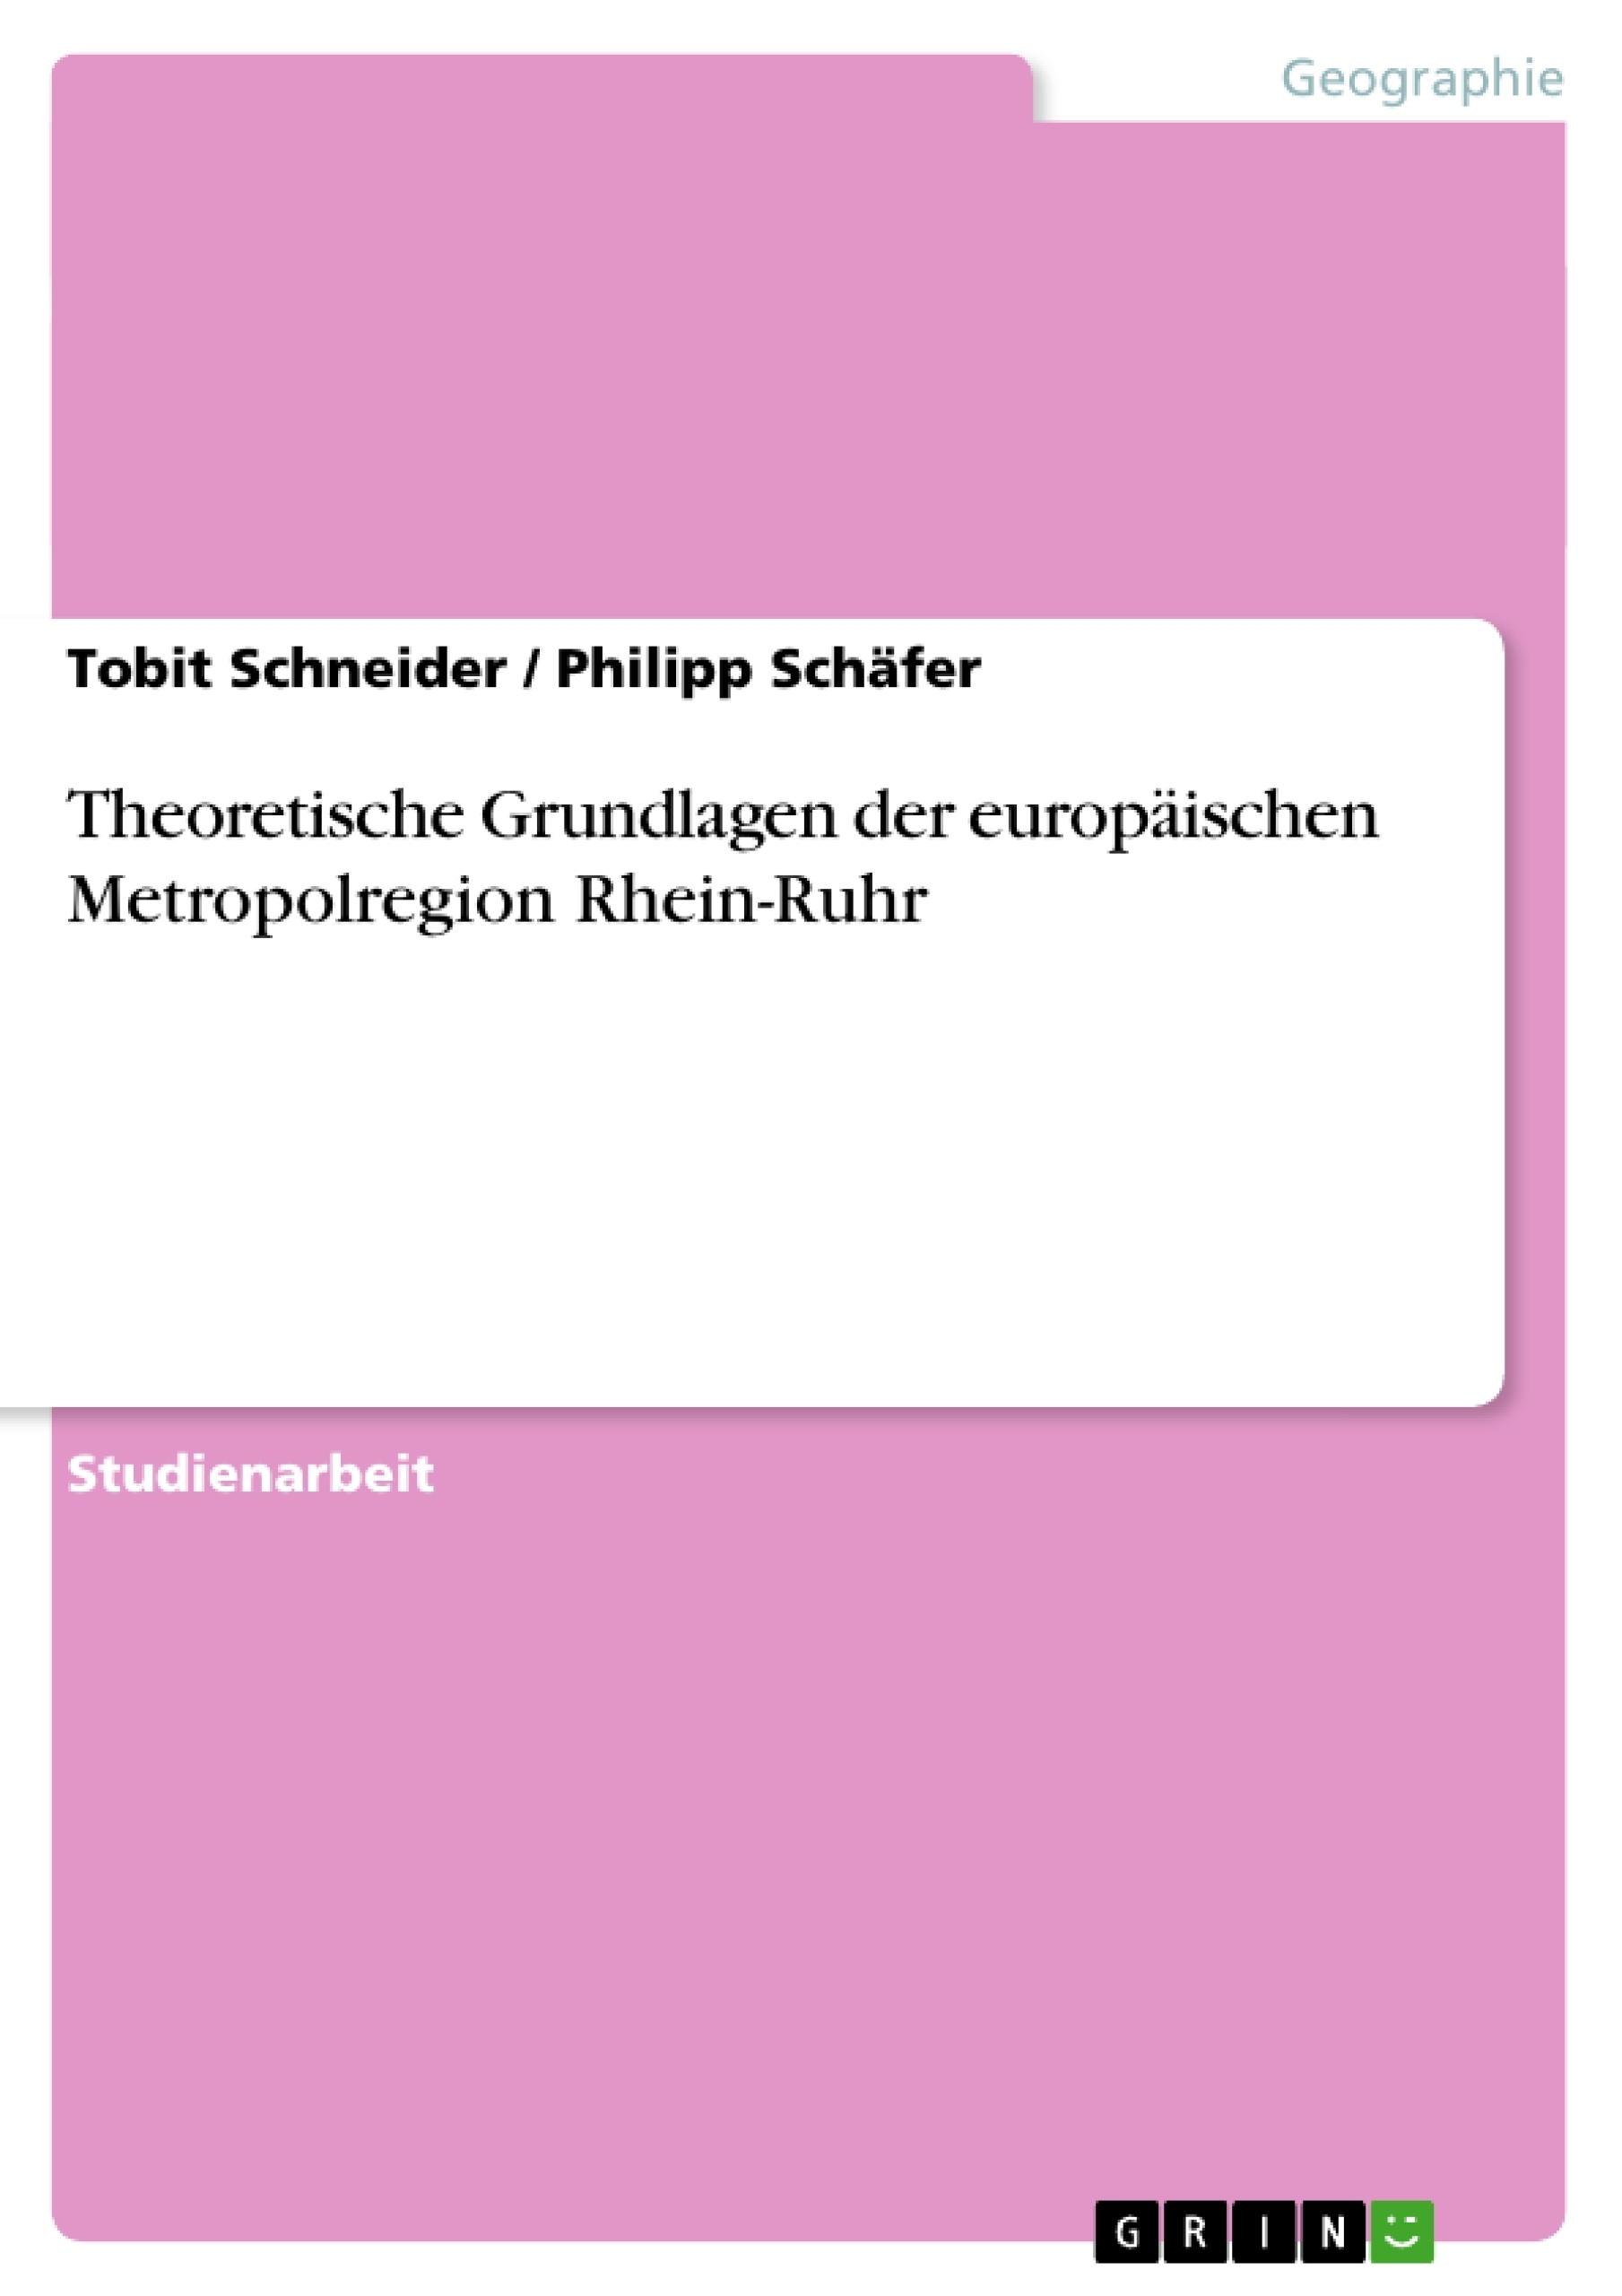 Titel: Theoretische Grundlagen der europäischen Metropolregion Rhein-Ruhr